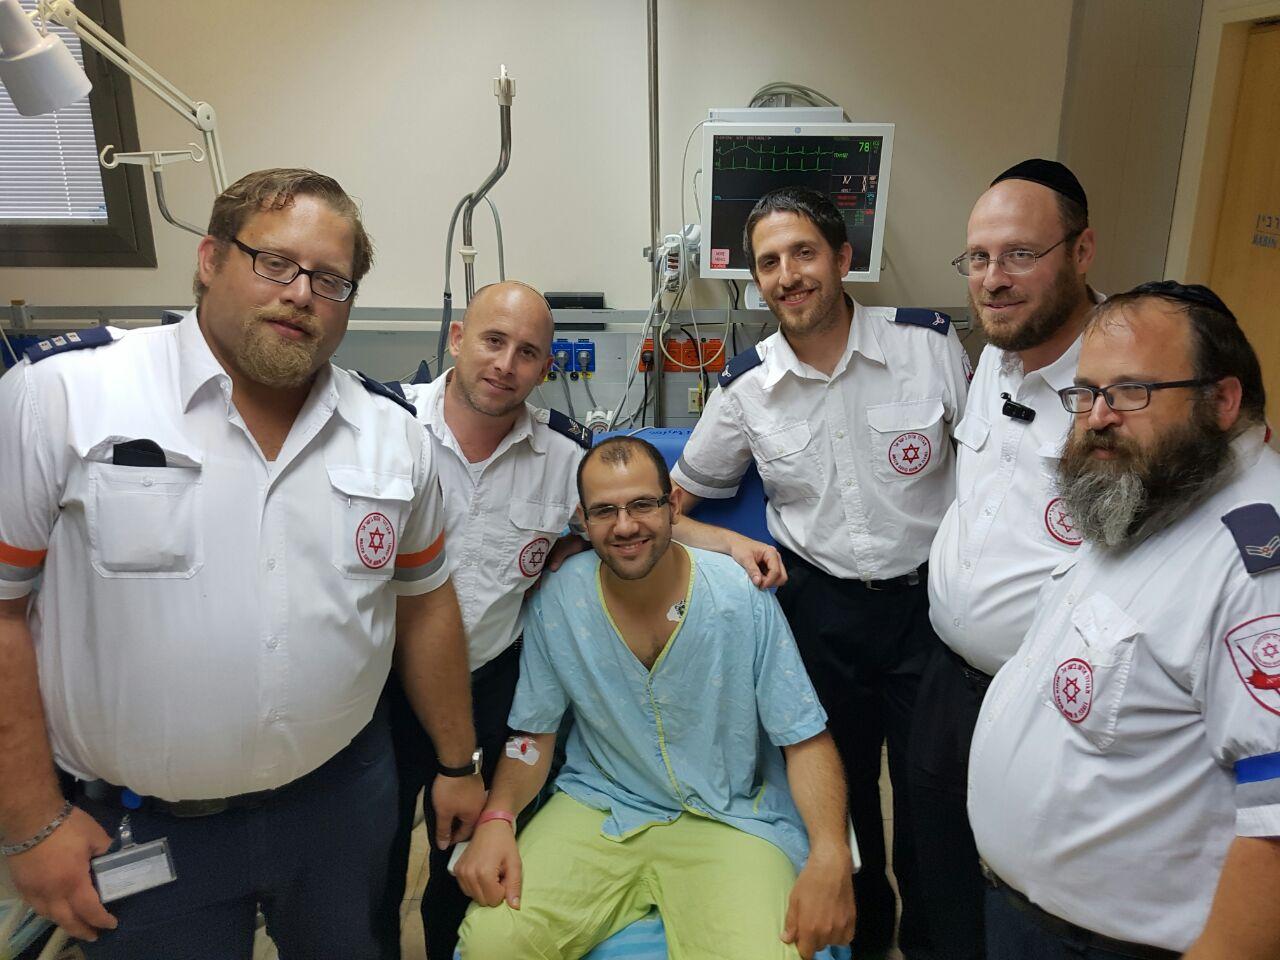 אלירן עם צוותי מדא שהצילו את חייו במפגש בבית החולים - צילום דוברות מדא 20.6.16